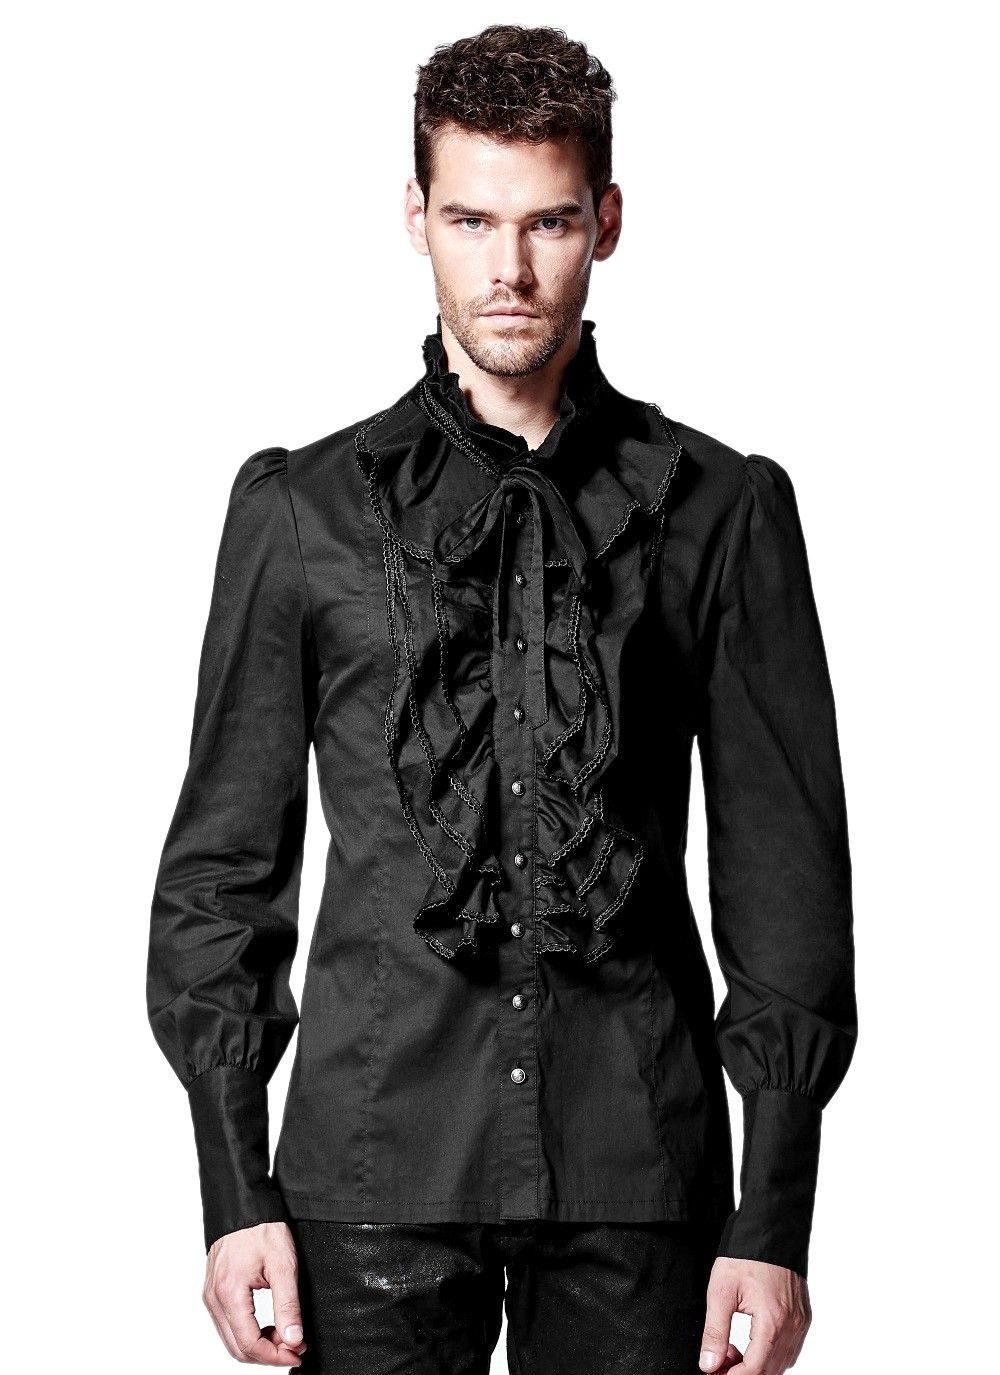 Homme Gothique En Vêtements Jabot 1qvqwz Chemise 2019 À Victorienne wzqF1